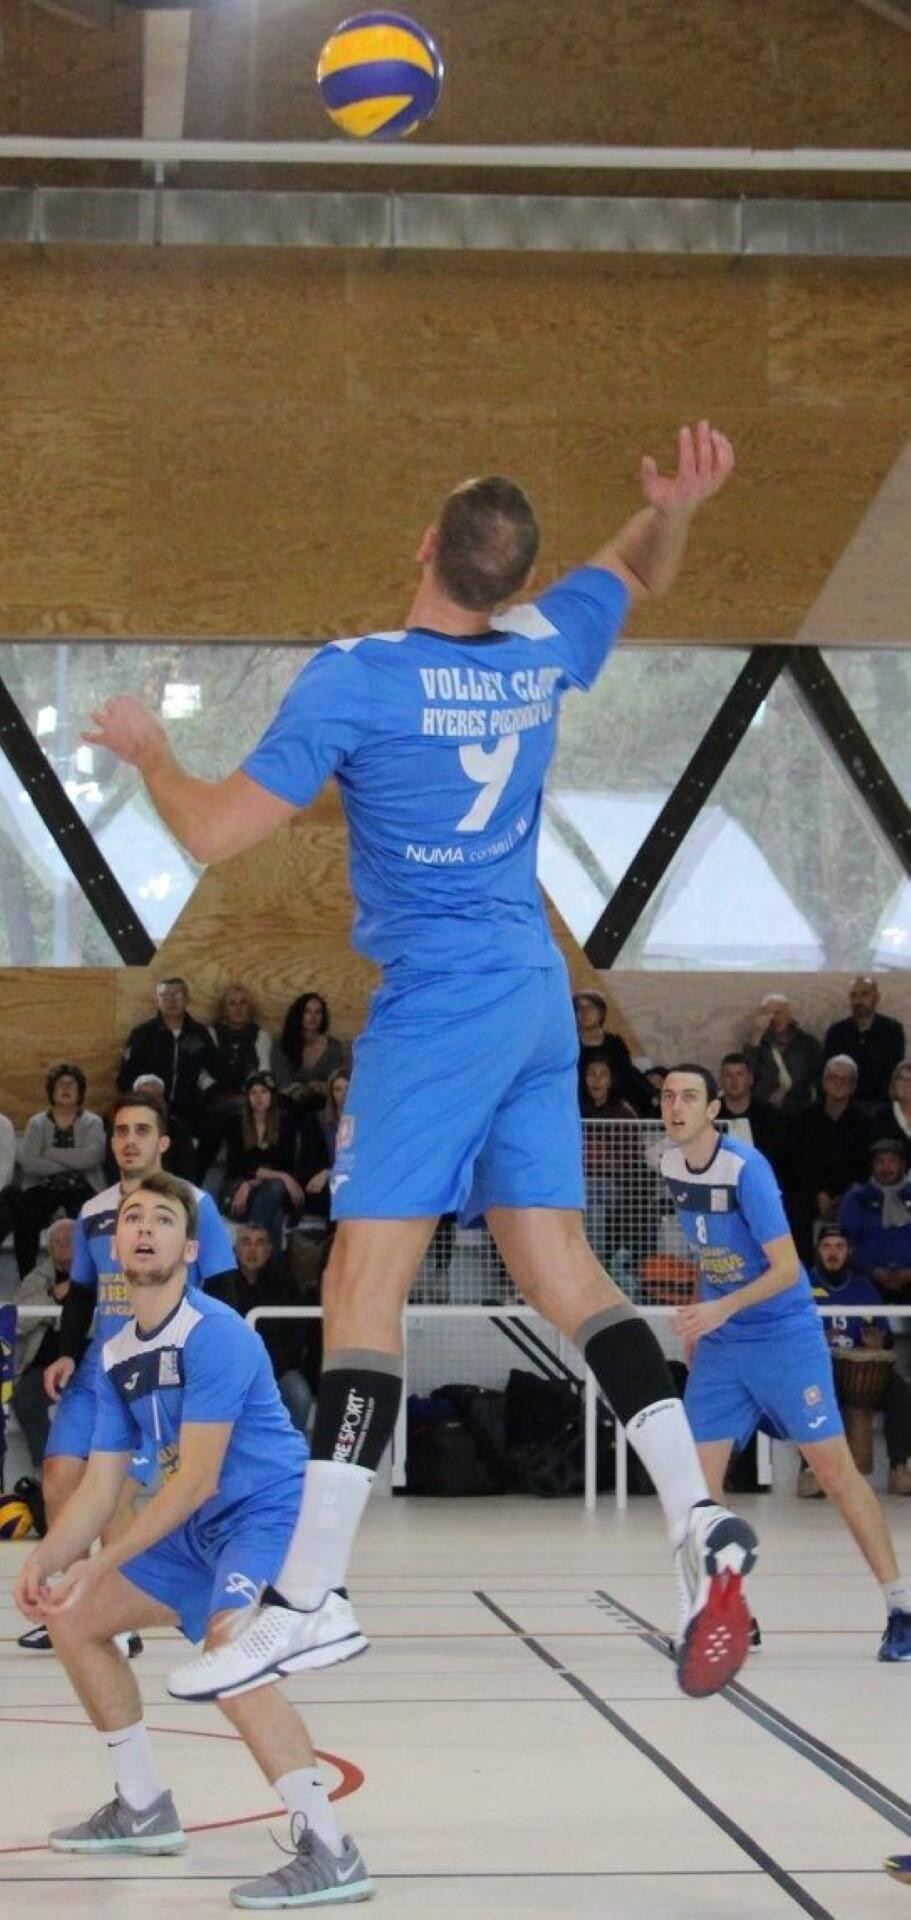 L'équipe de nationale 2 du VCHP n'a laissé aucune chance à Arles.